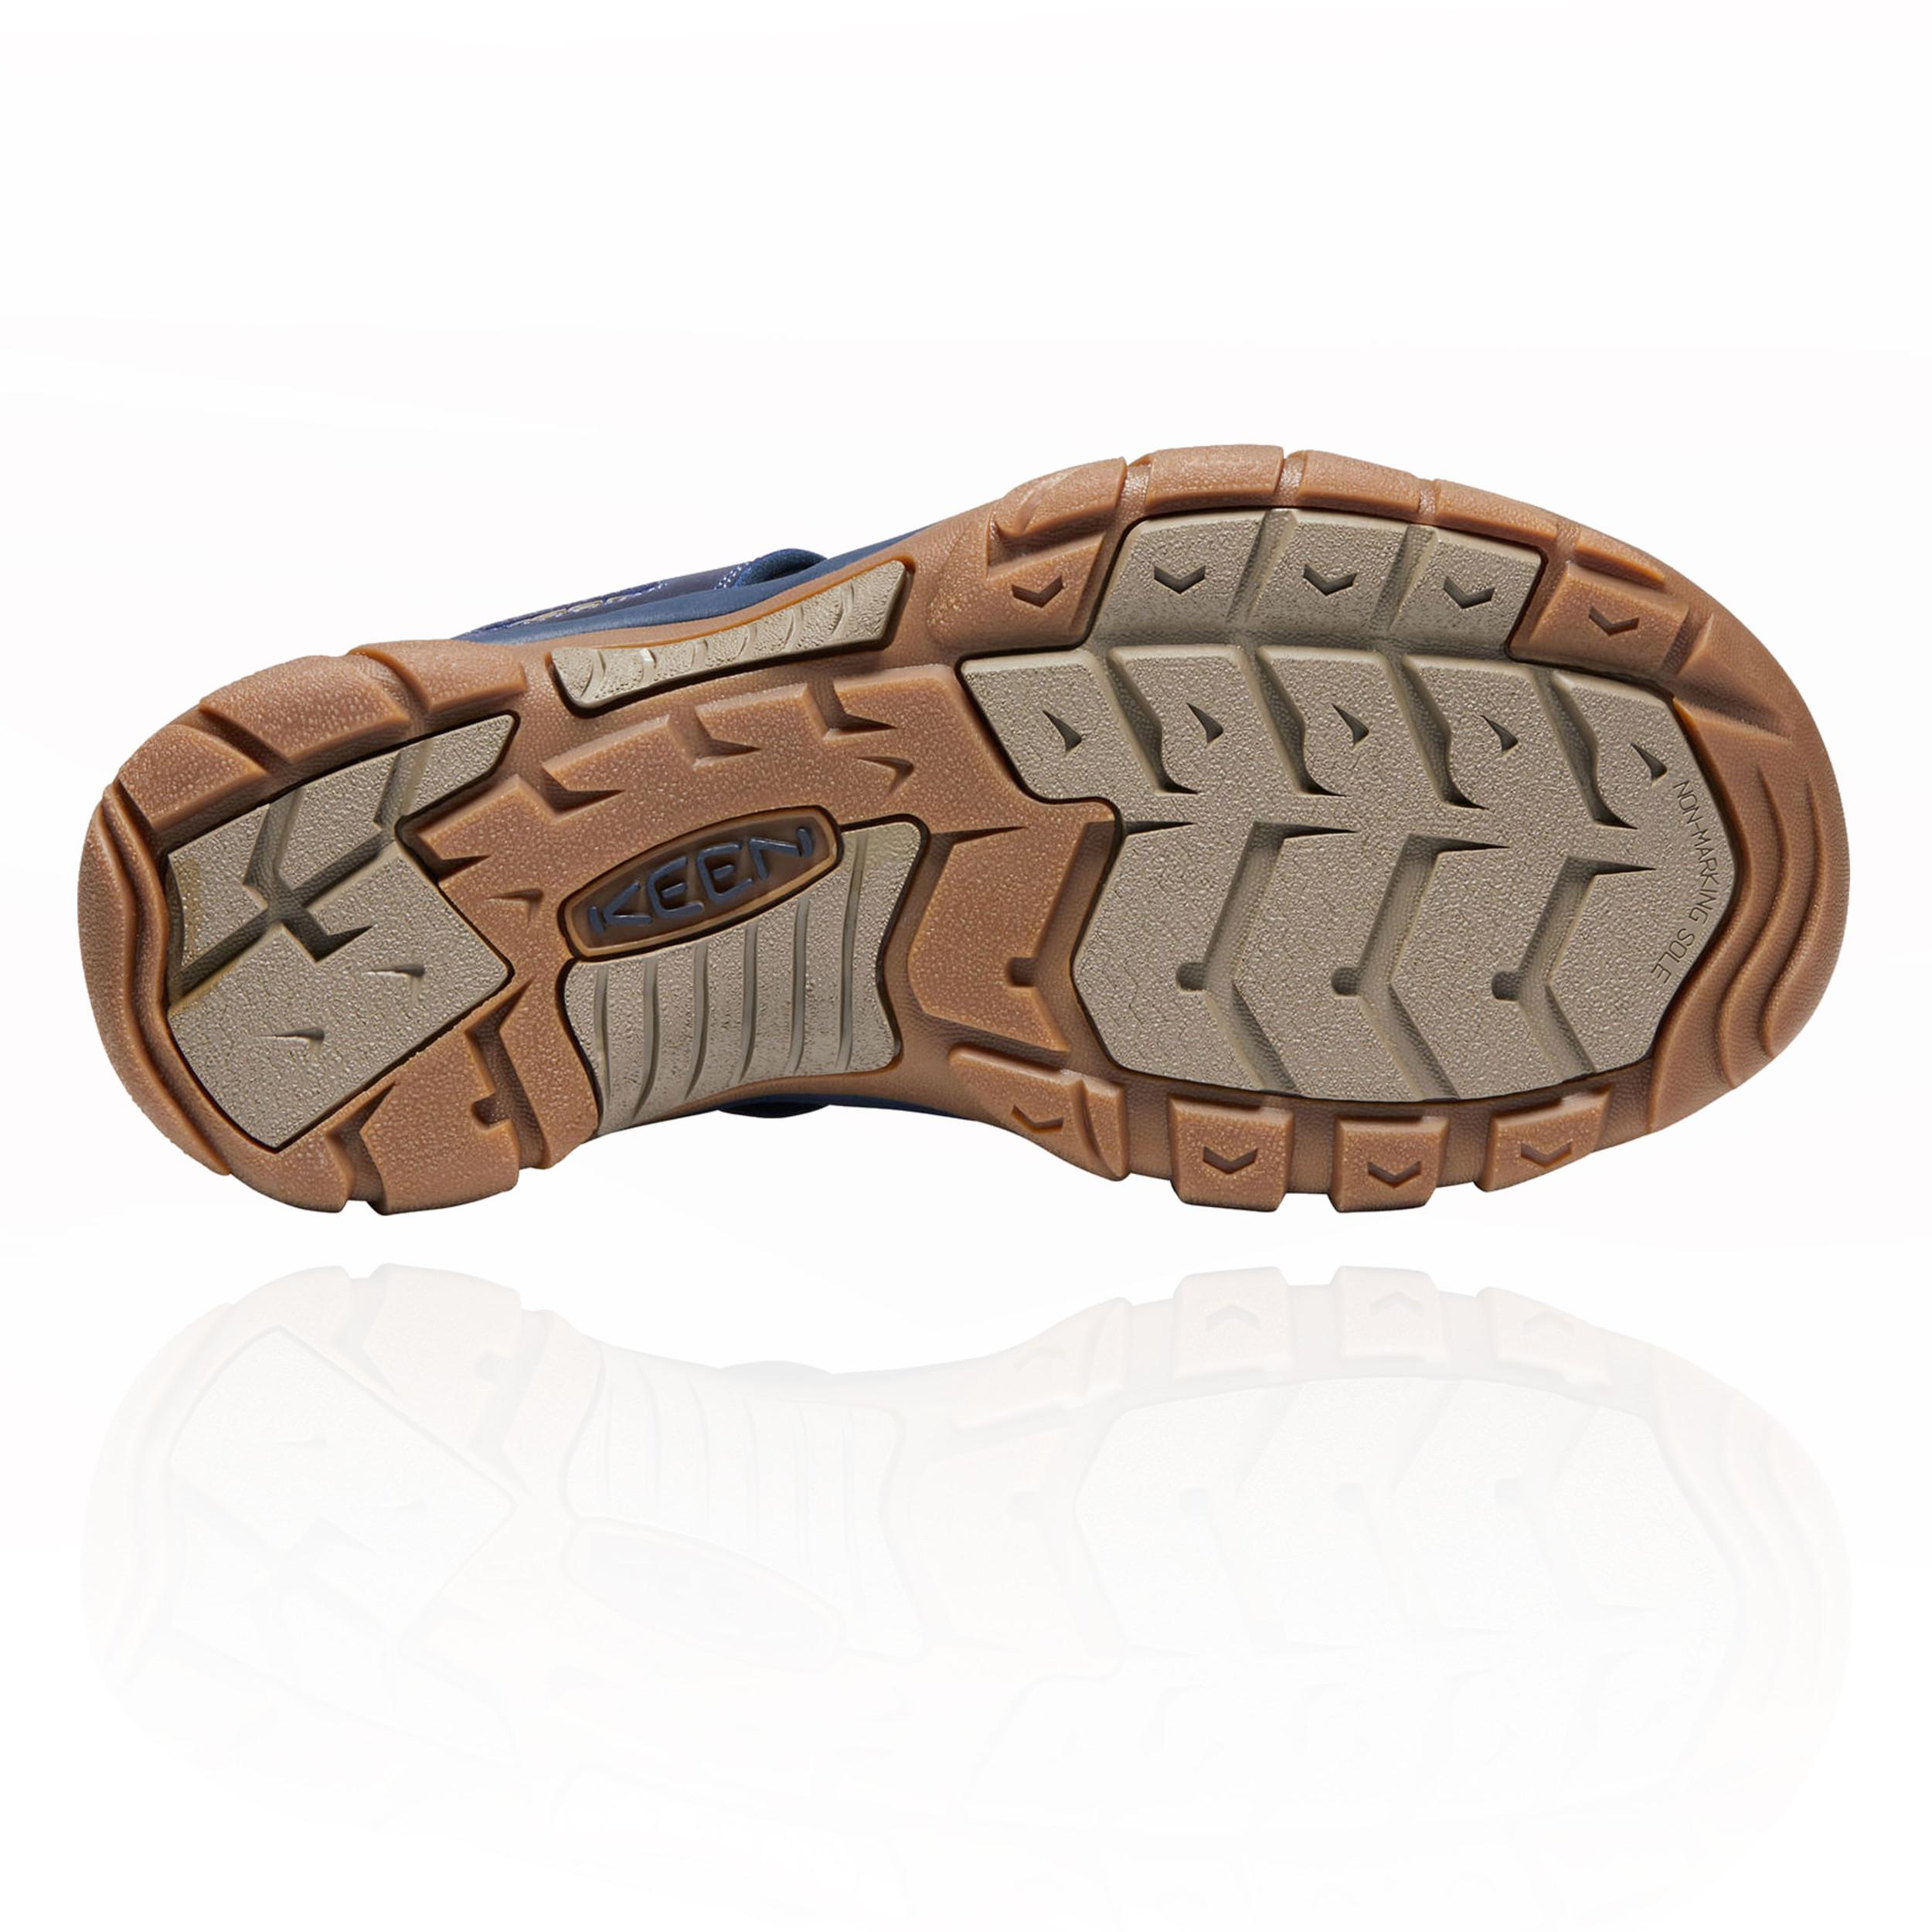 376eda4e0e Keen Mens Newport Evo Walking Shoes Sandals Blue Sports Outdoors Breathable